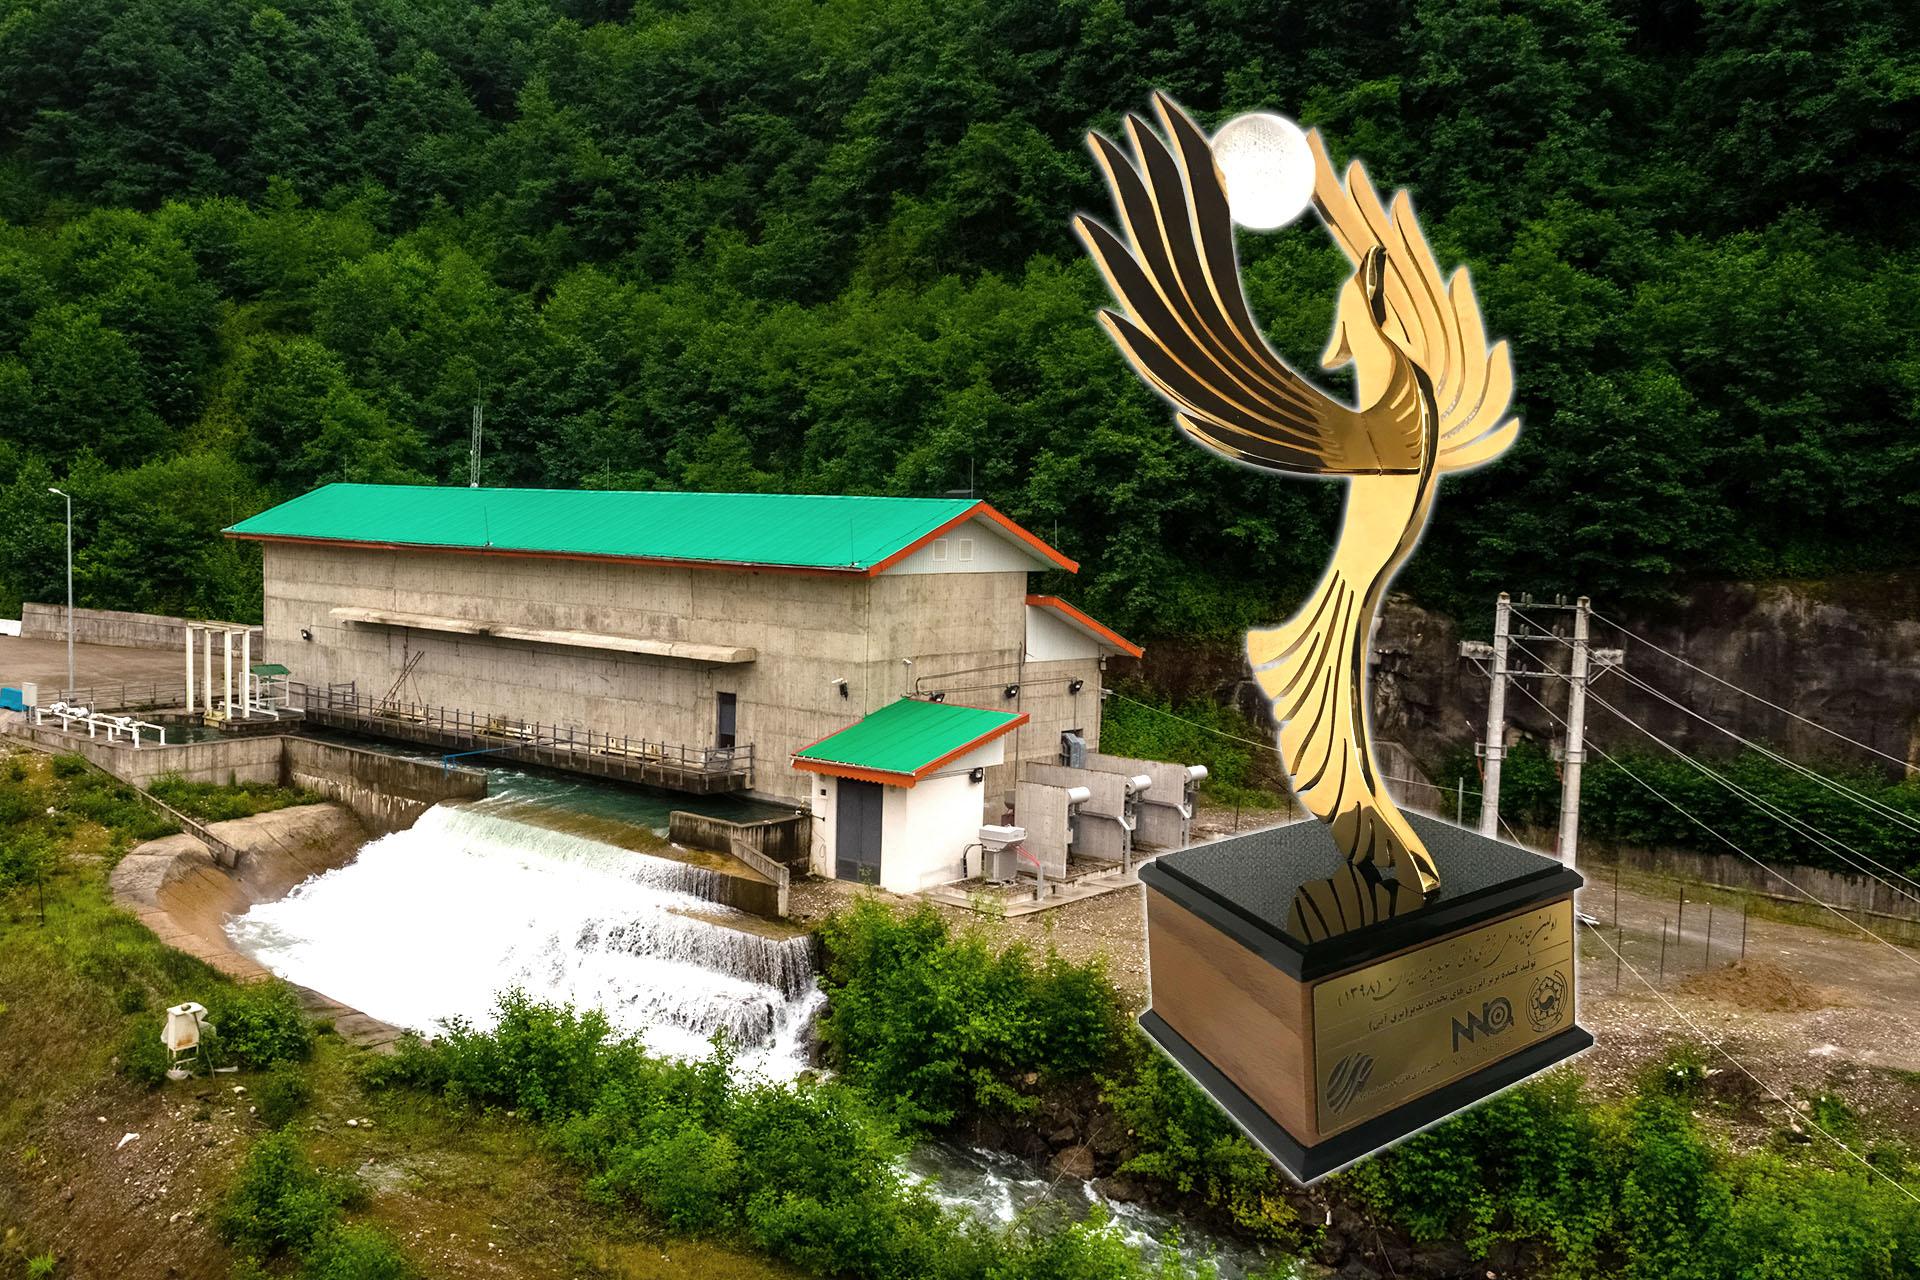 انتخاب شرکت سبز ماه آب به عنوان تولید کننده برتر انرژی برق آبی